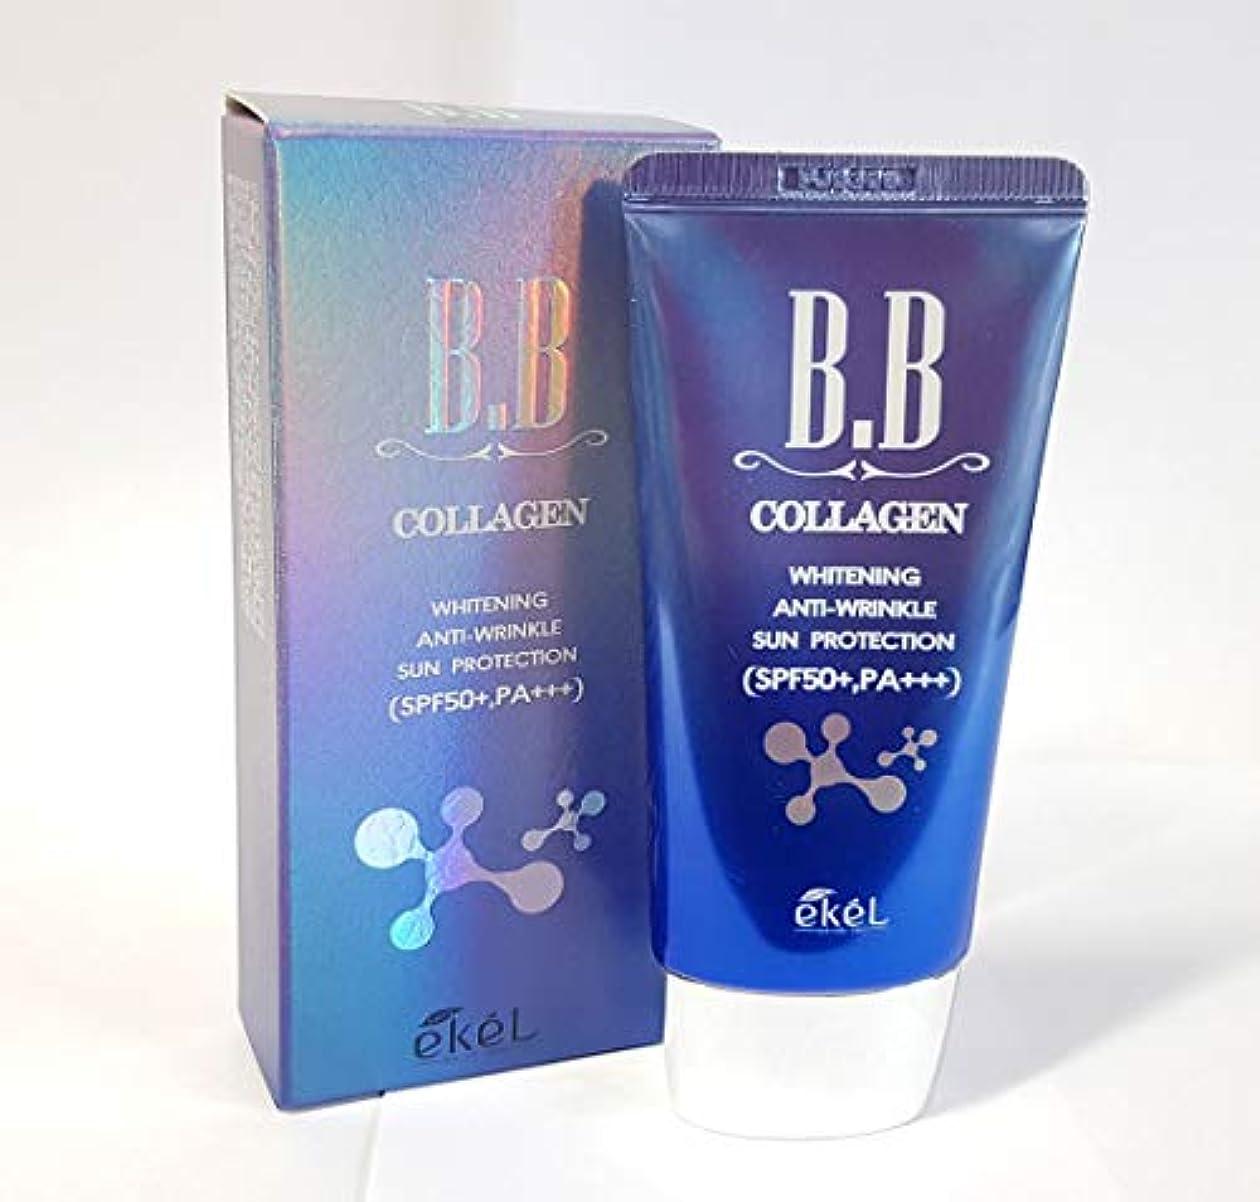 進化する更新バドミントン[EKEL] コラーゲンBBクリーム50ml / Collagen BB Cream 50ml / SPF50+,PA+++ / ホワイトニング、アンチリンクル、サンプロテクション/Whitening, Anti-Wrinkle...